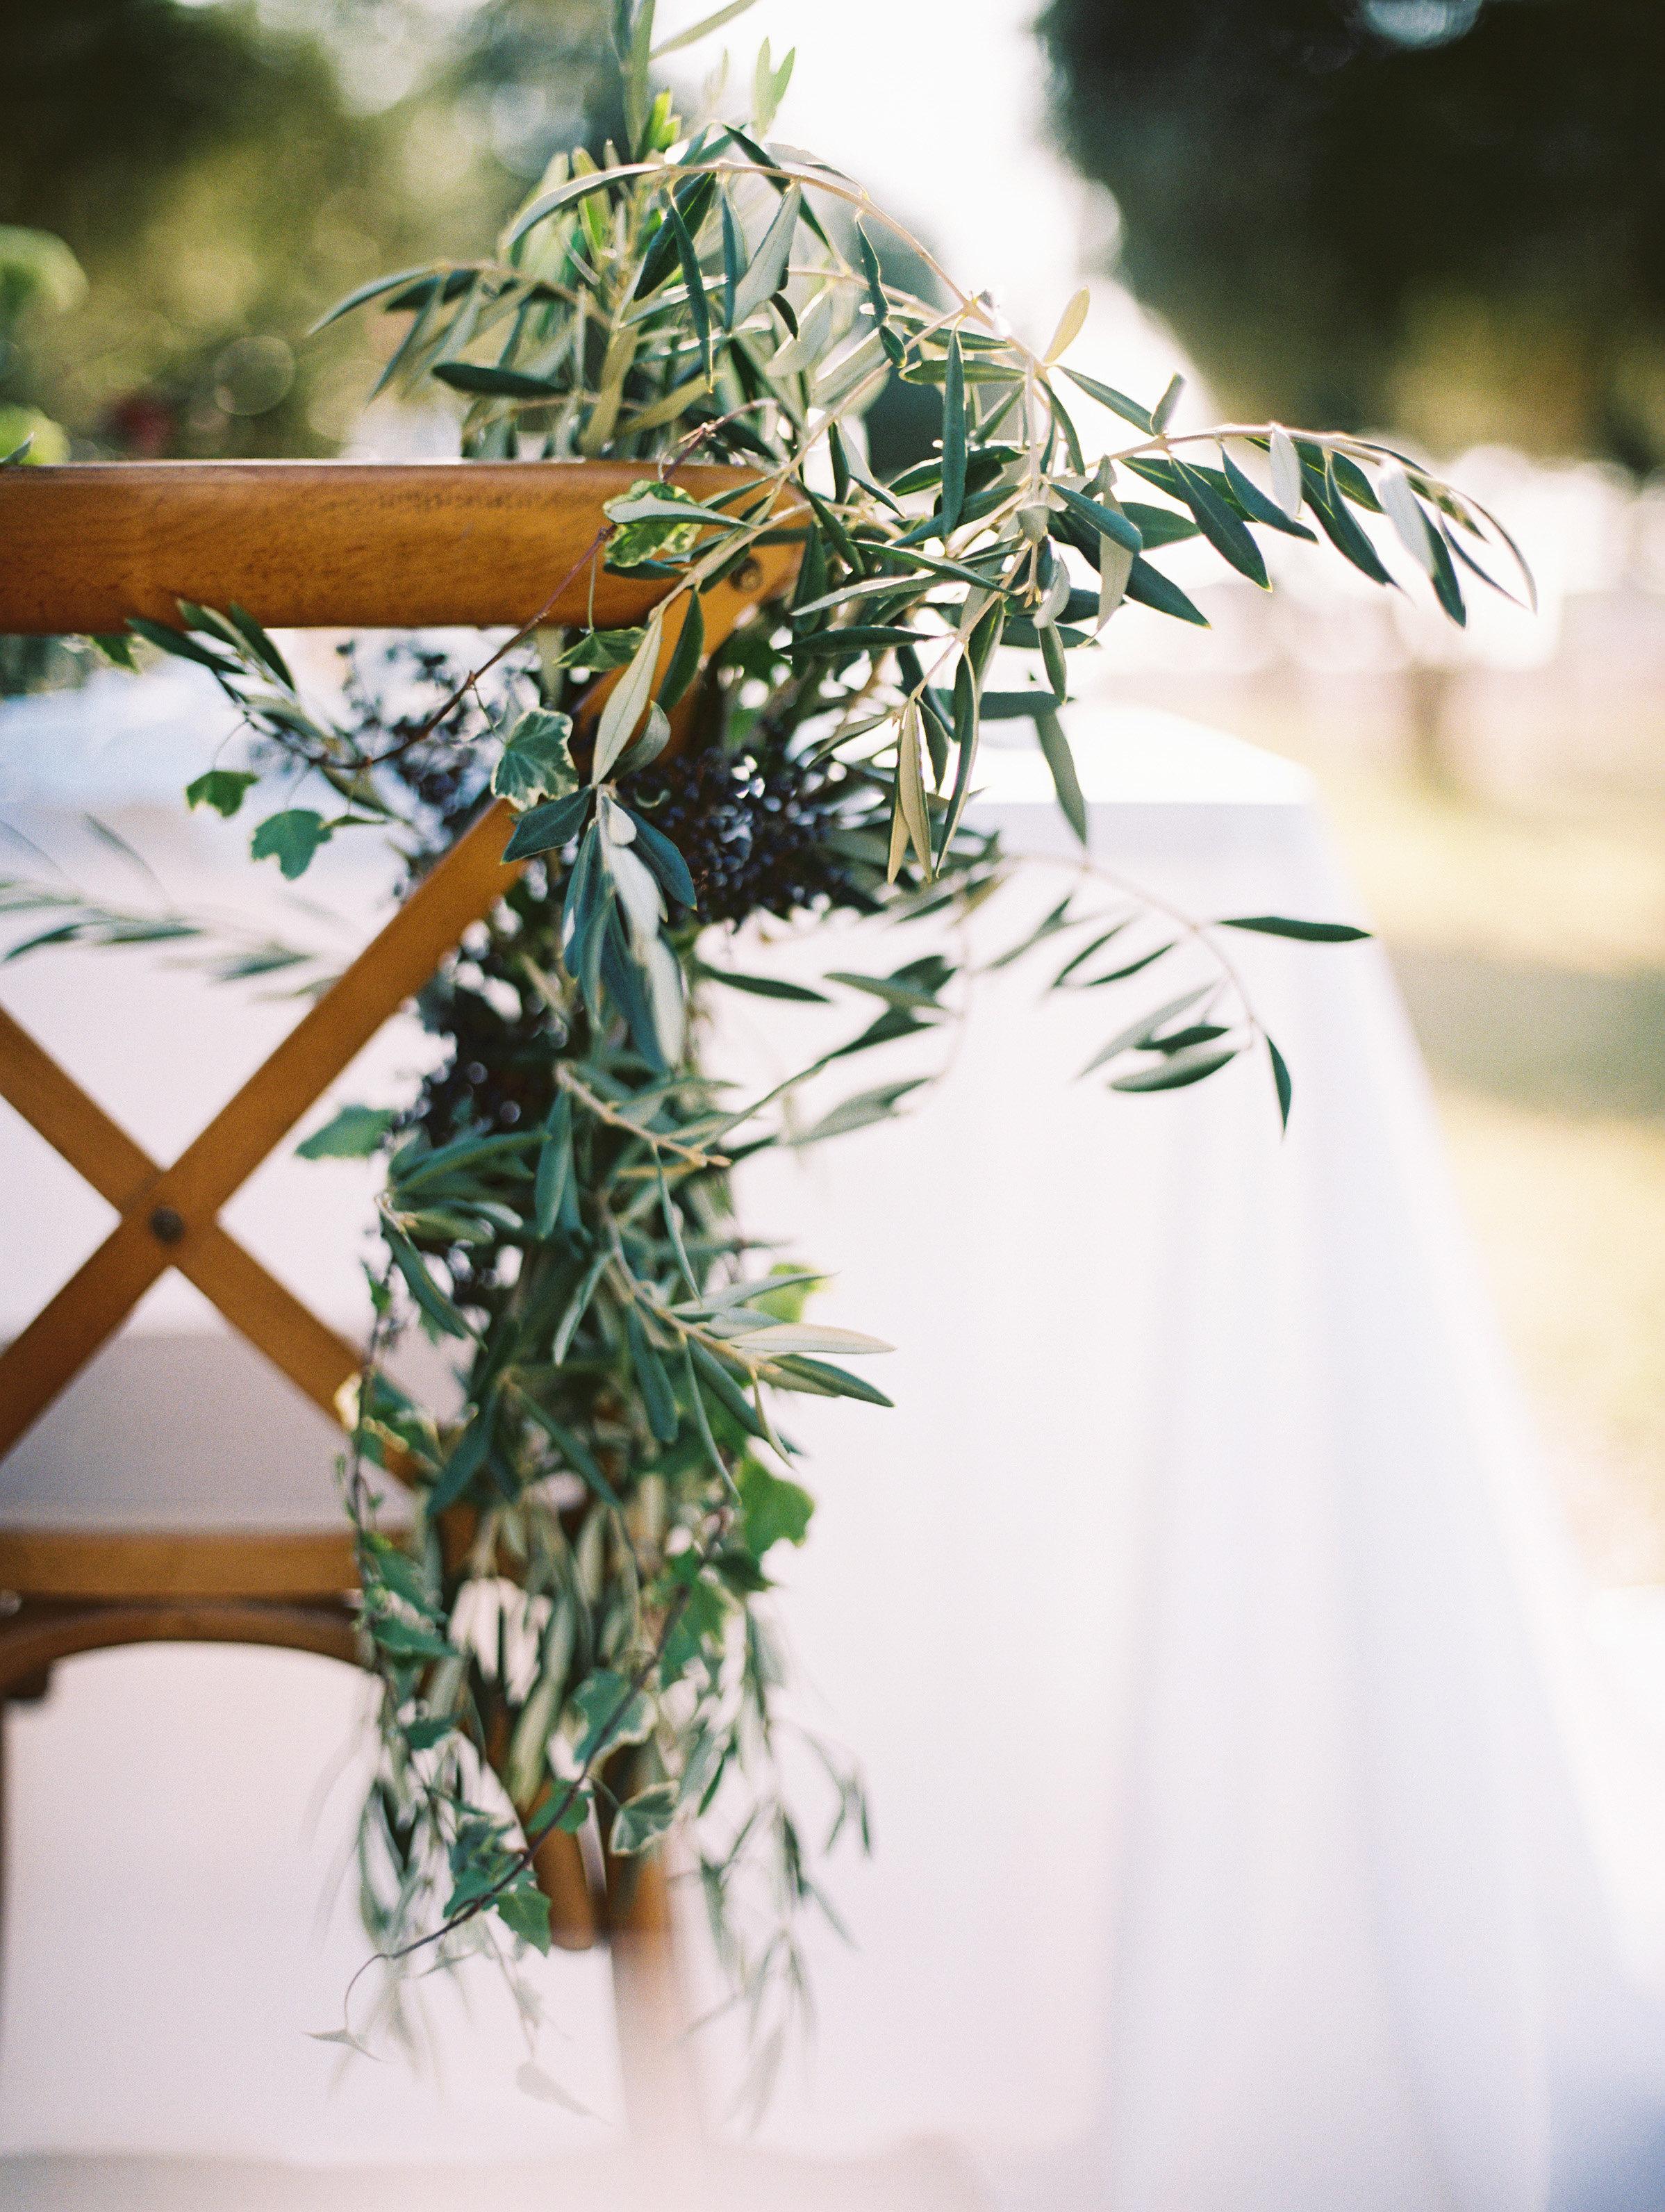 olivemillqueencreekphoenixscottsdaleweddingphotographerJustinDouglasPhotography00022.jpg